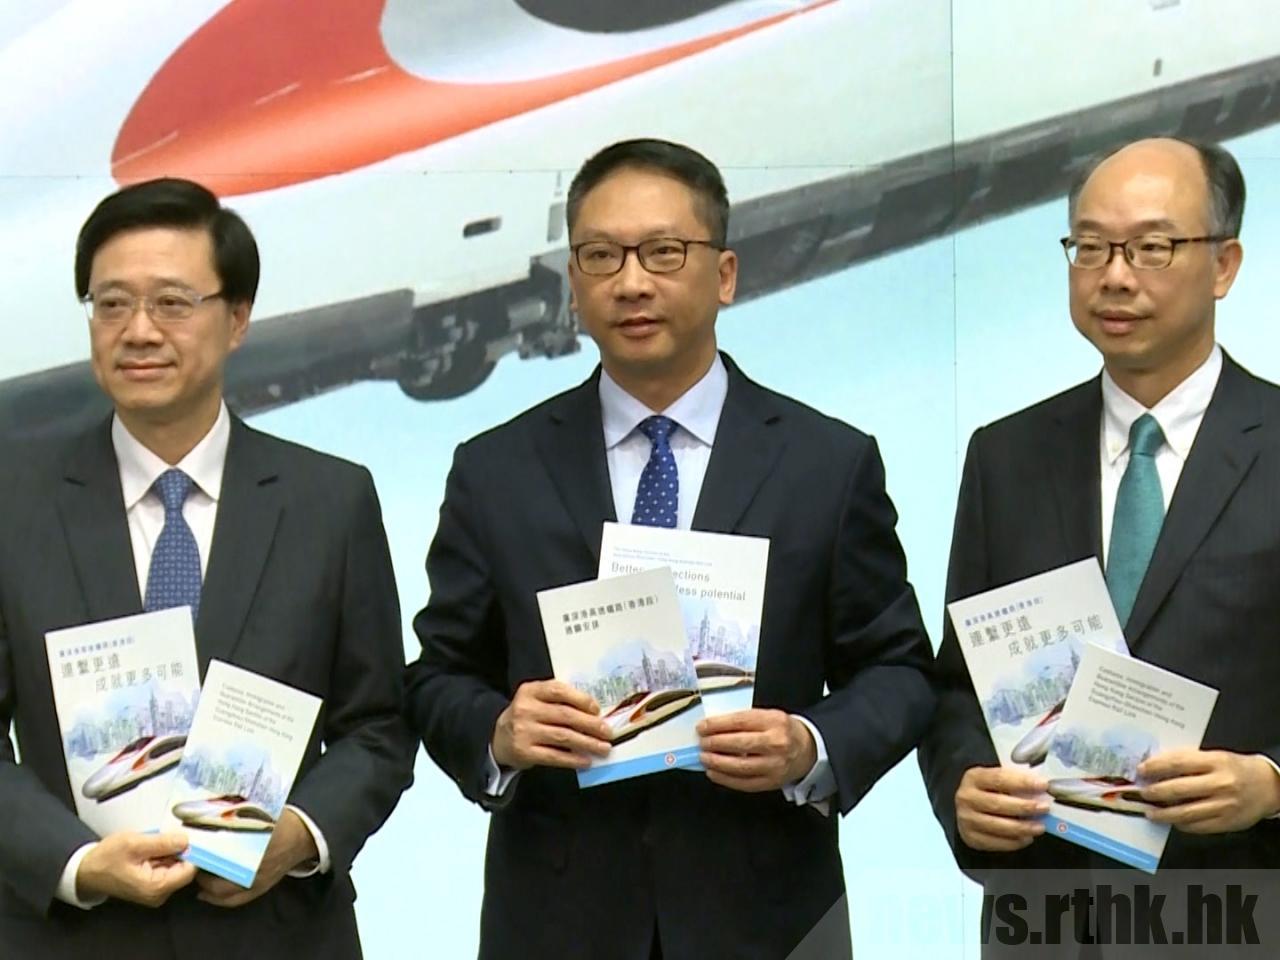 袁國強(中)表示,有關方案最能發揮高鐵效益(香港電台)。